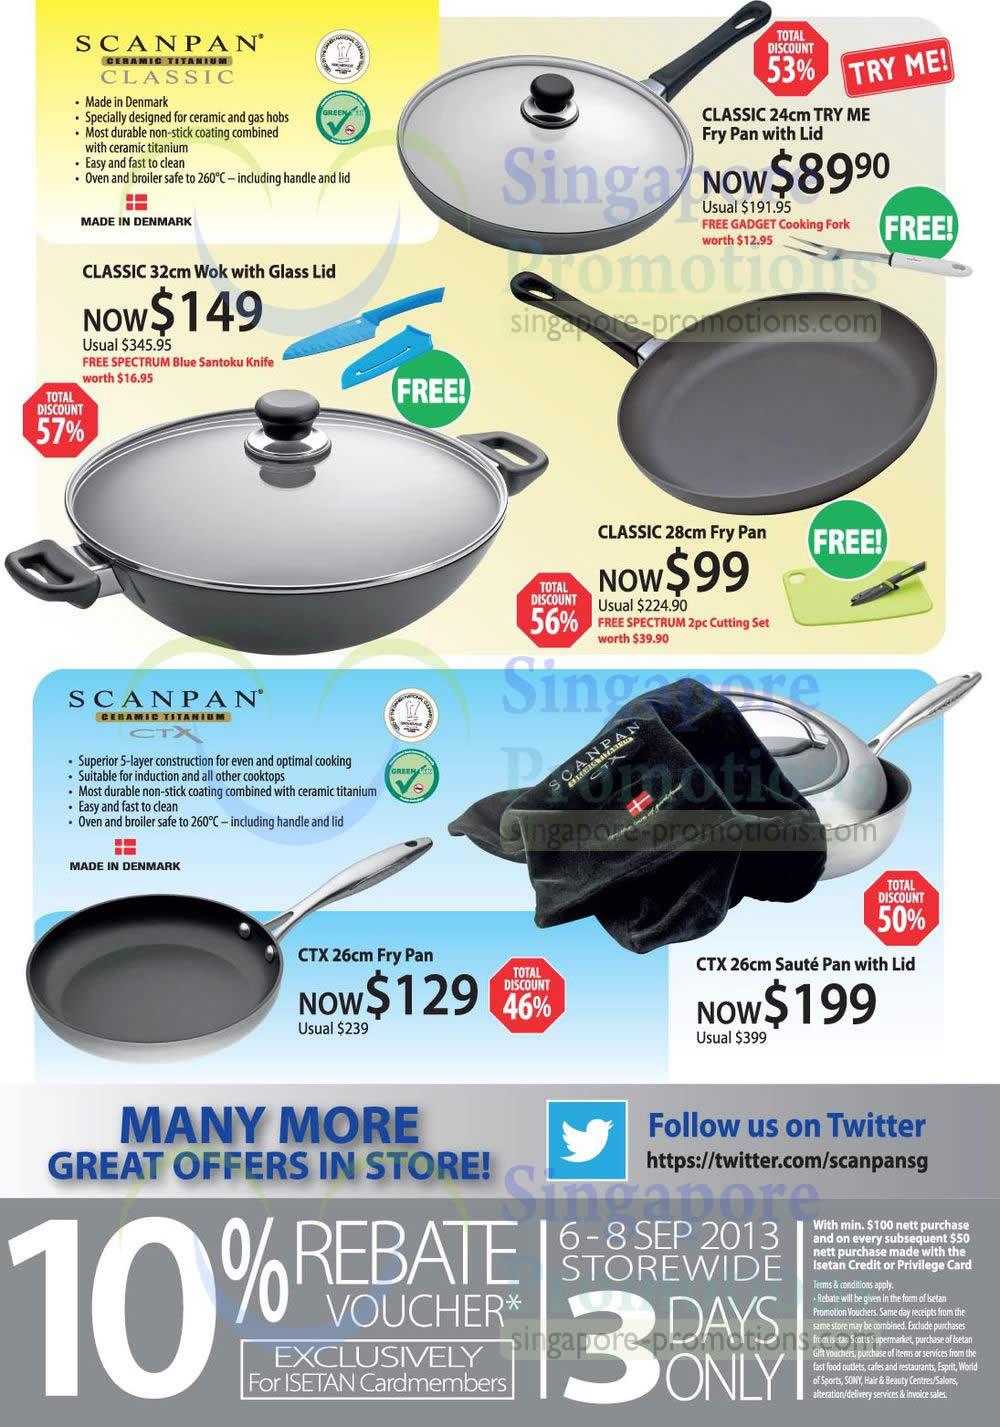 Classic Work, Pan, Fry Pan, CTX Fry Pan, Saute Pan